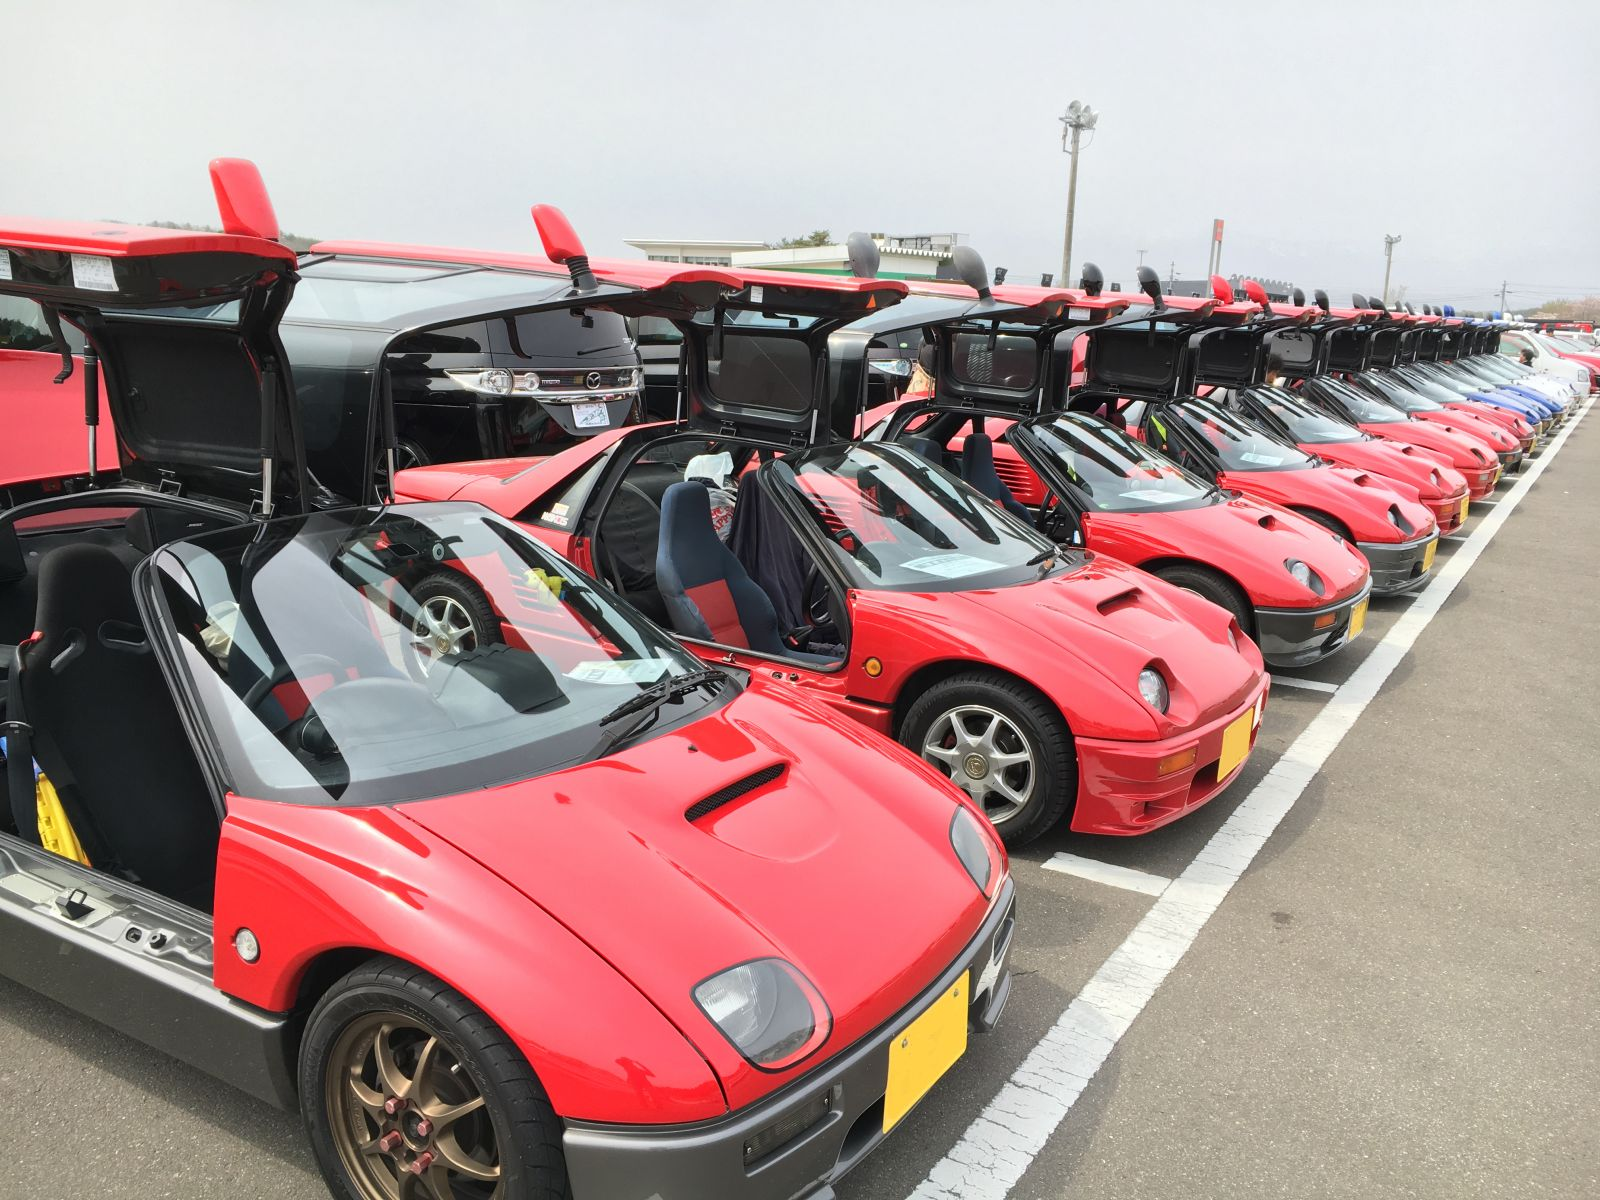 ▲我々が参加したマツダファン・エンデュランス(マツ耐)は、スポーツランドSUGOで行われた「マツダファン東北ミーティング2016」のプログラムのひとつ。当日は、AZ-1(写真)をはじめ多くのマツダ車オーナーがSUGOに集った